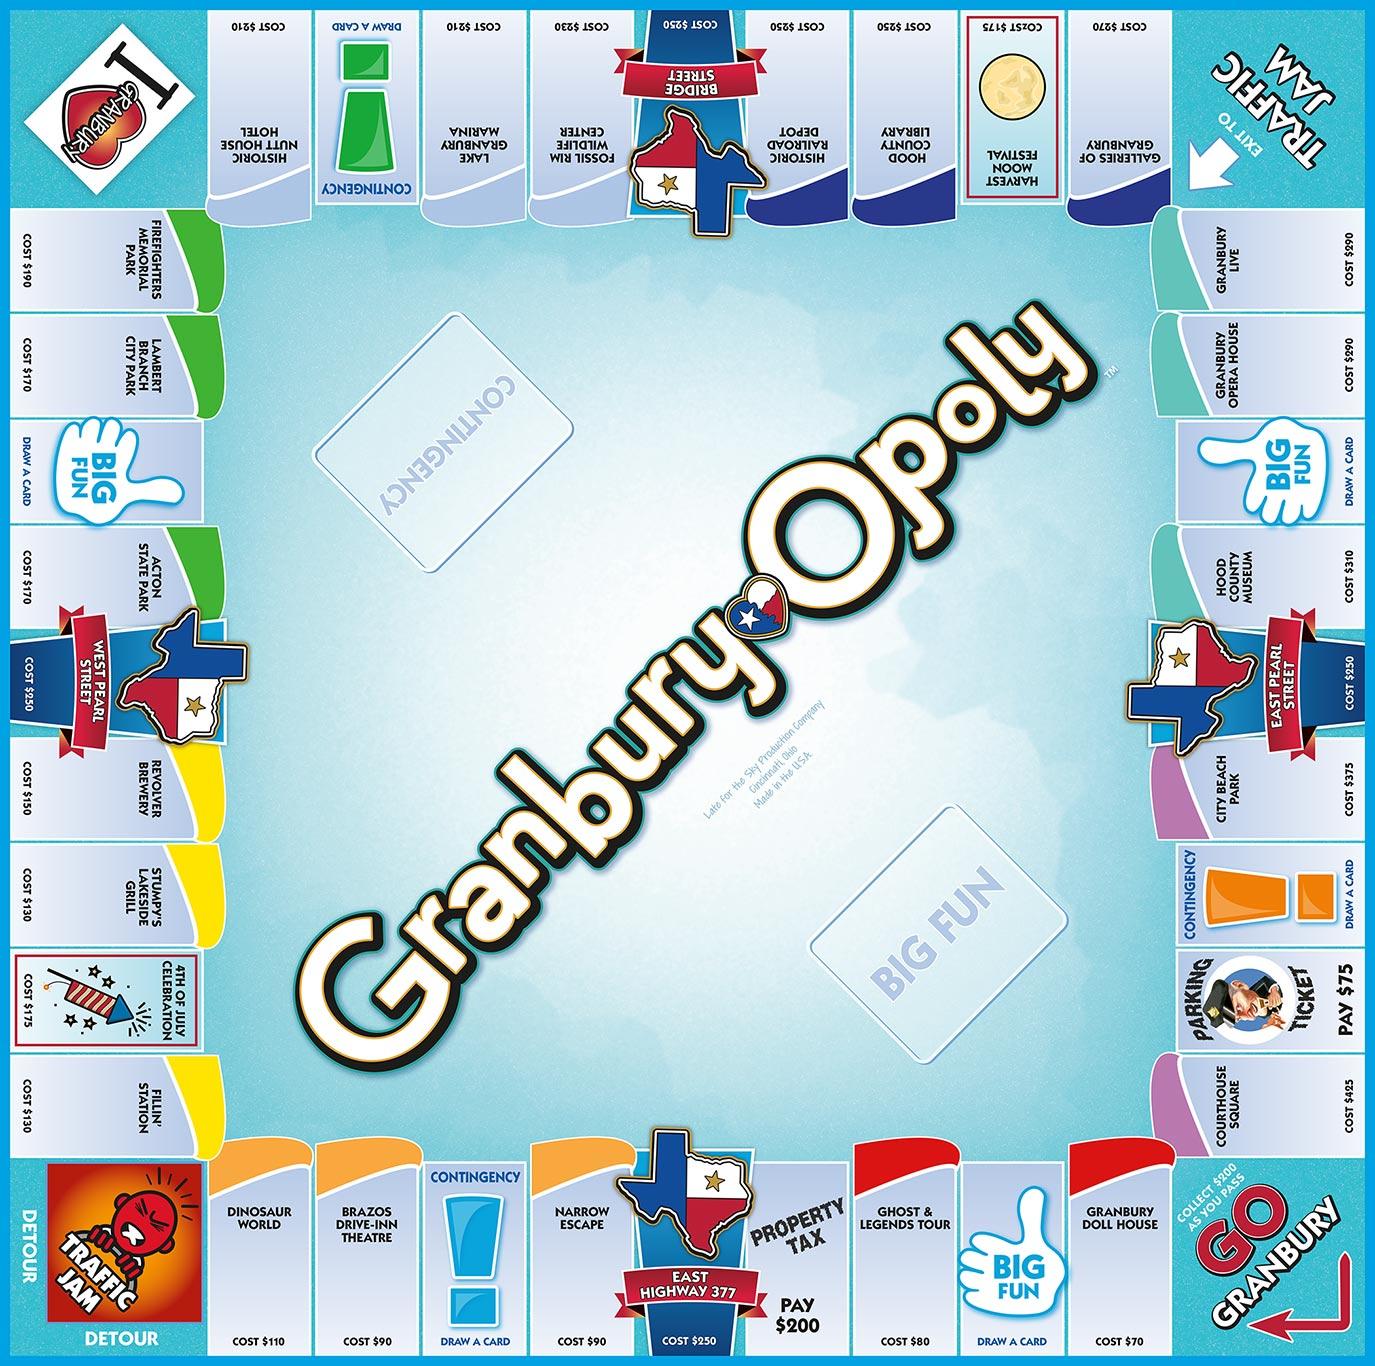 GRANBURY-OPOLY Board Game